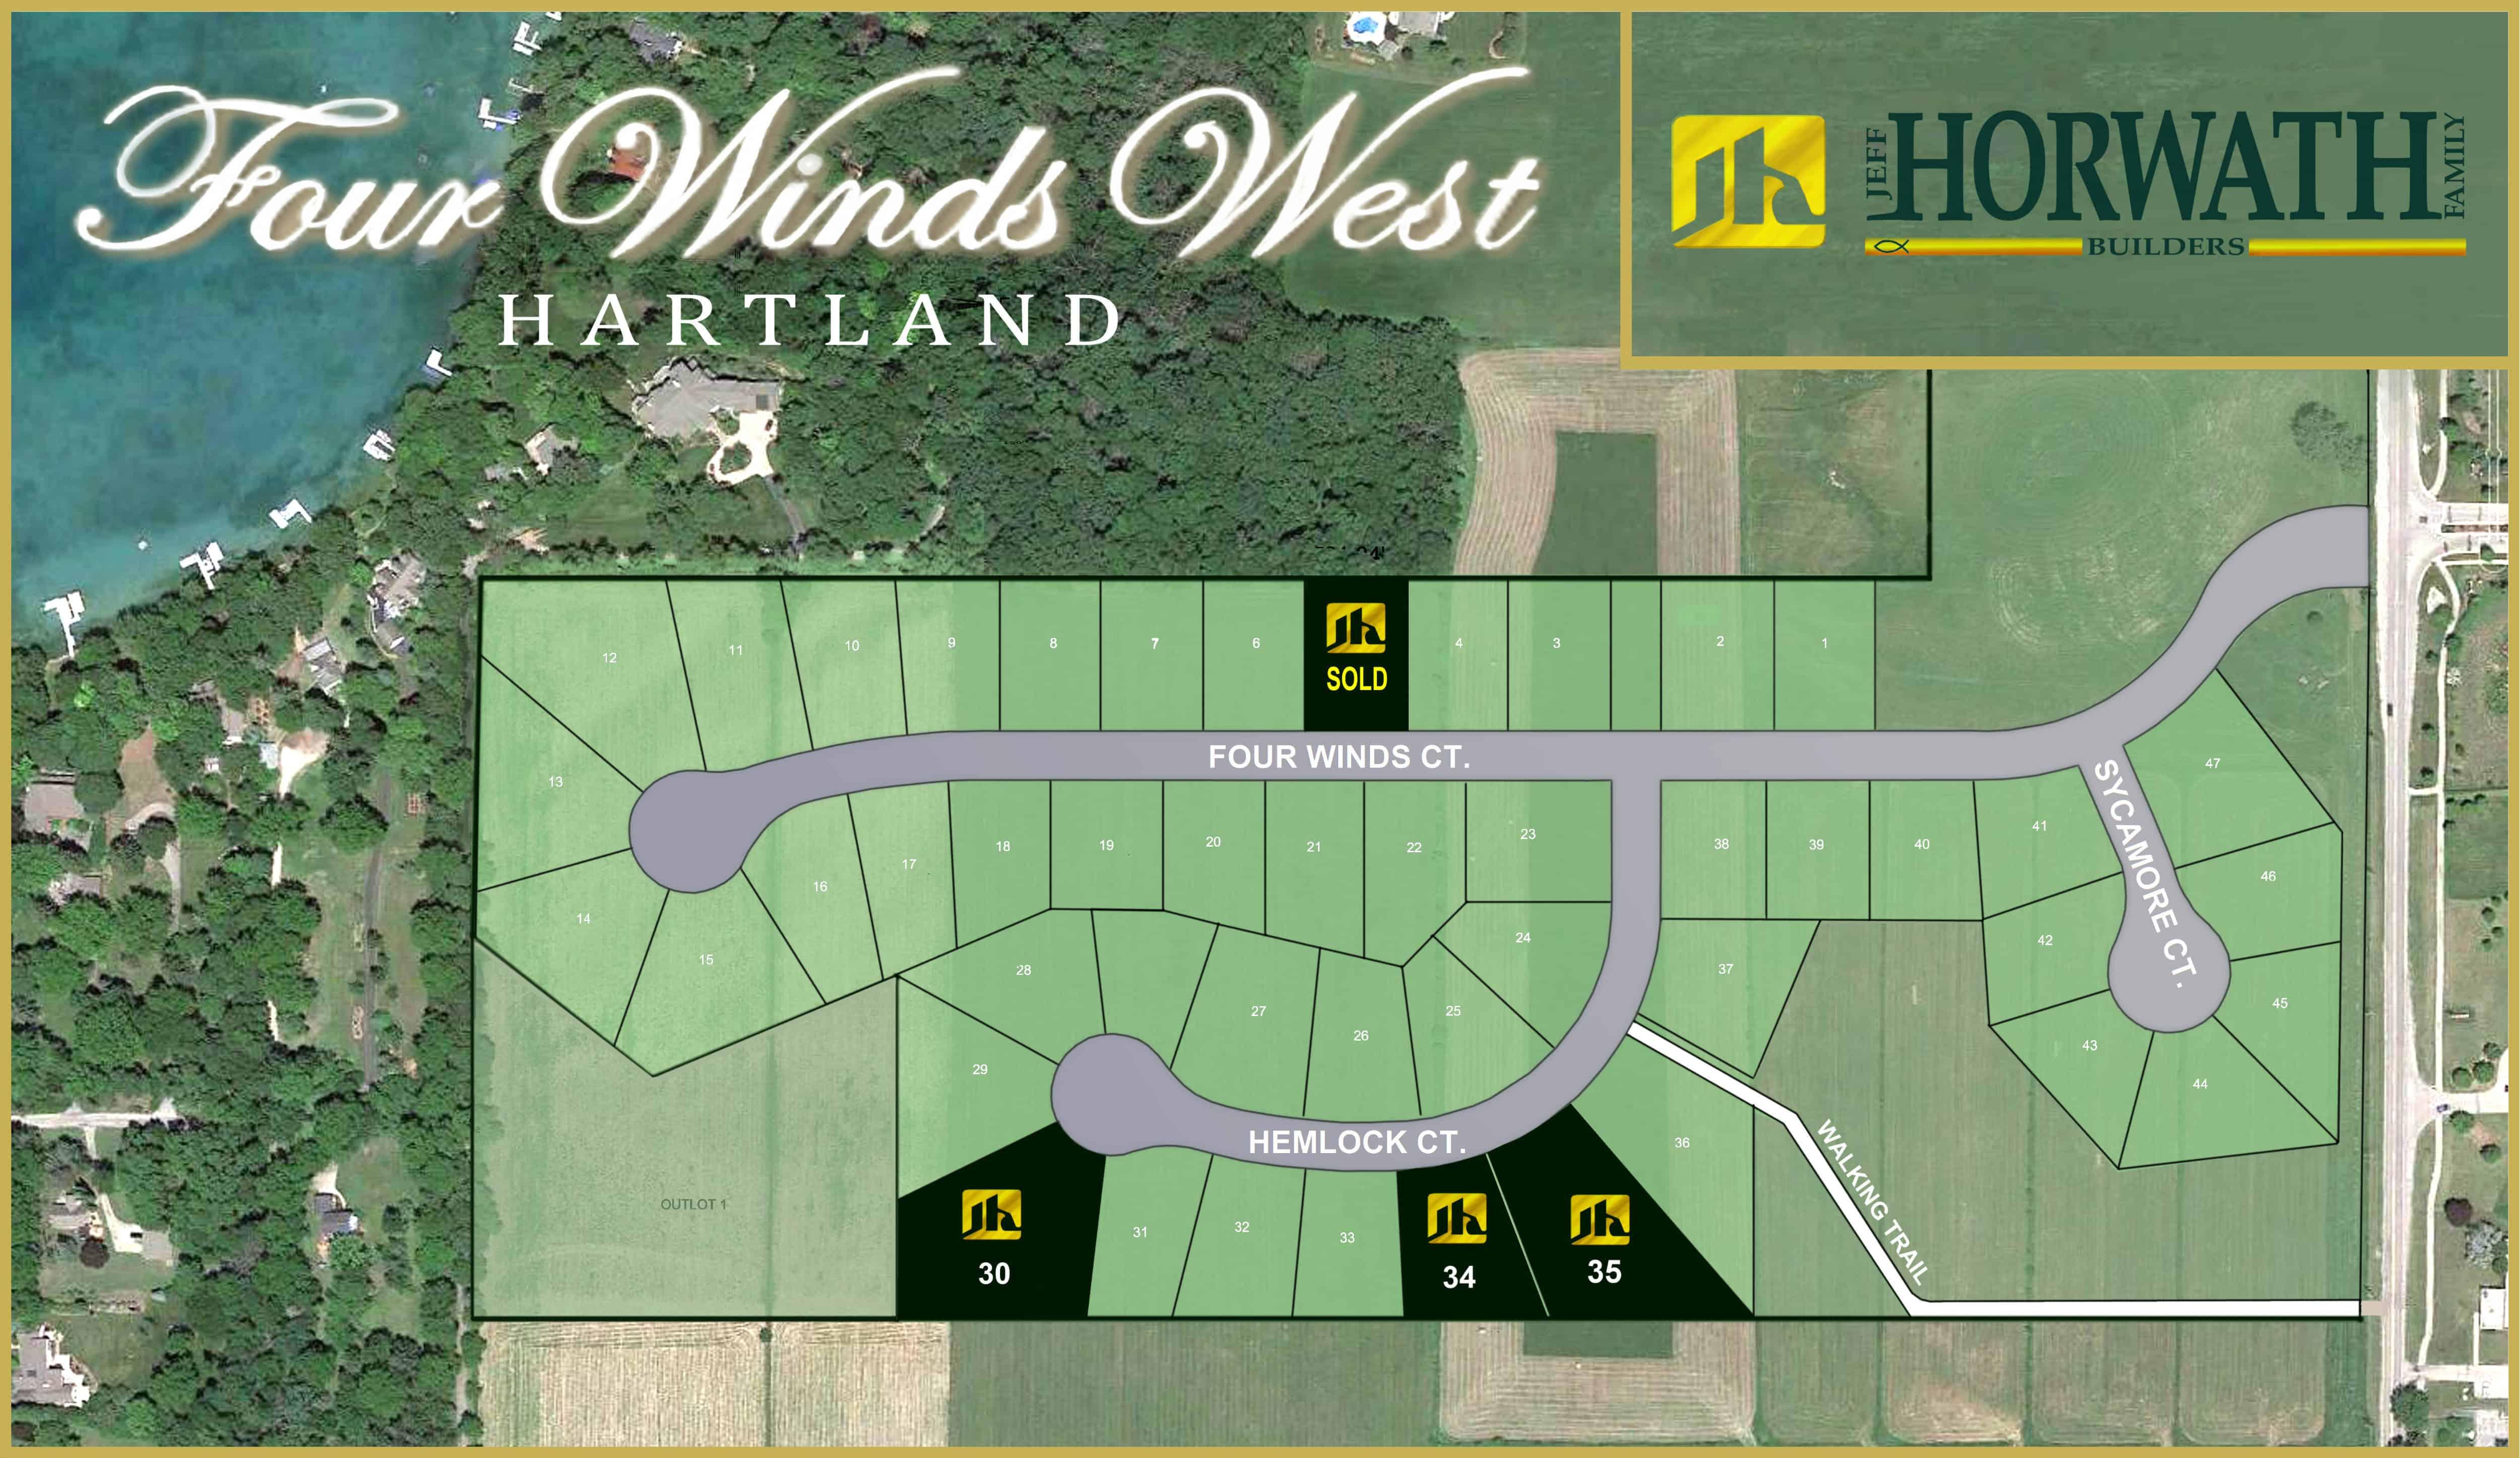 Four winds west plat 2-16-17